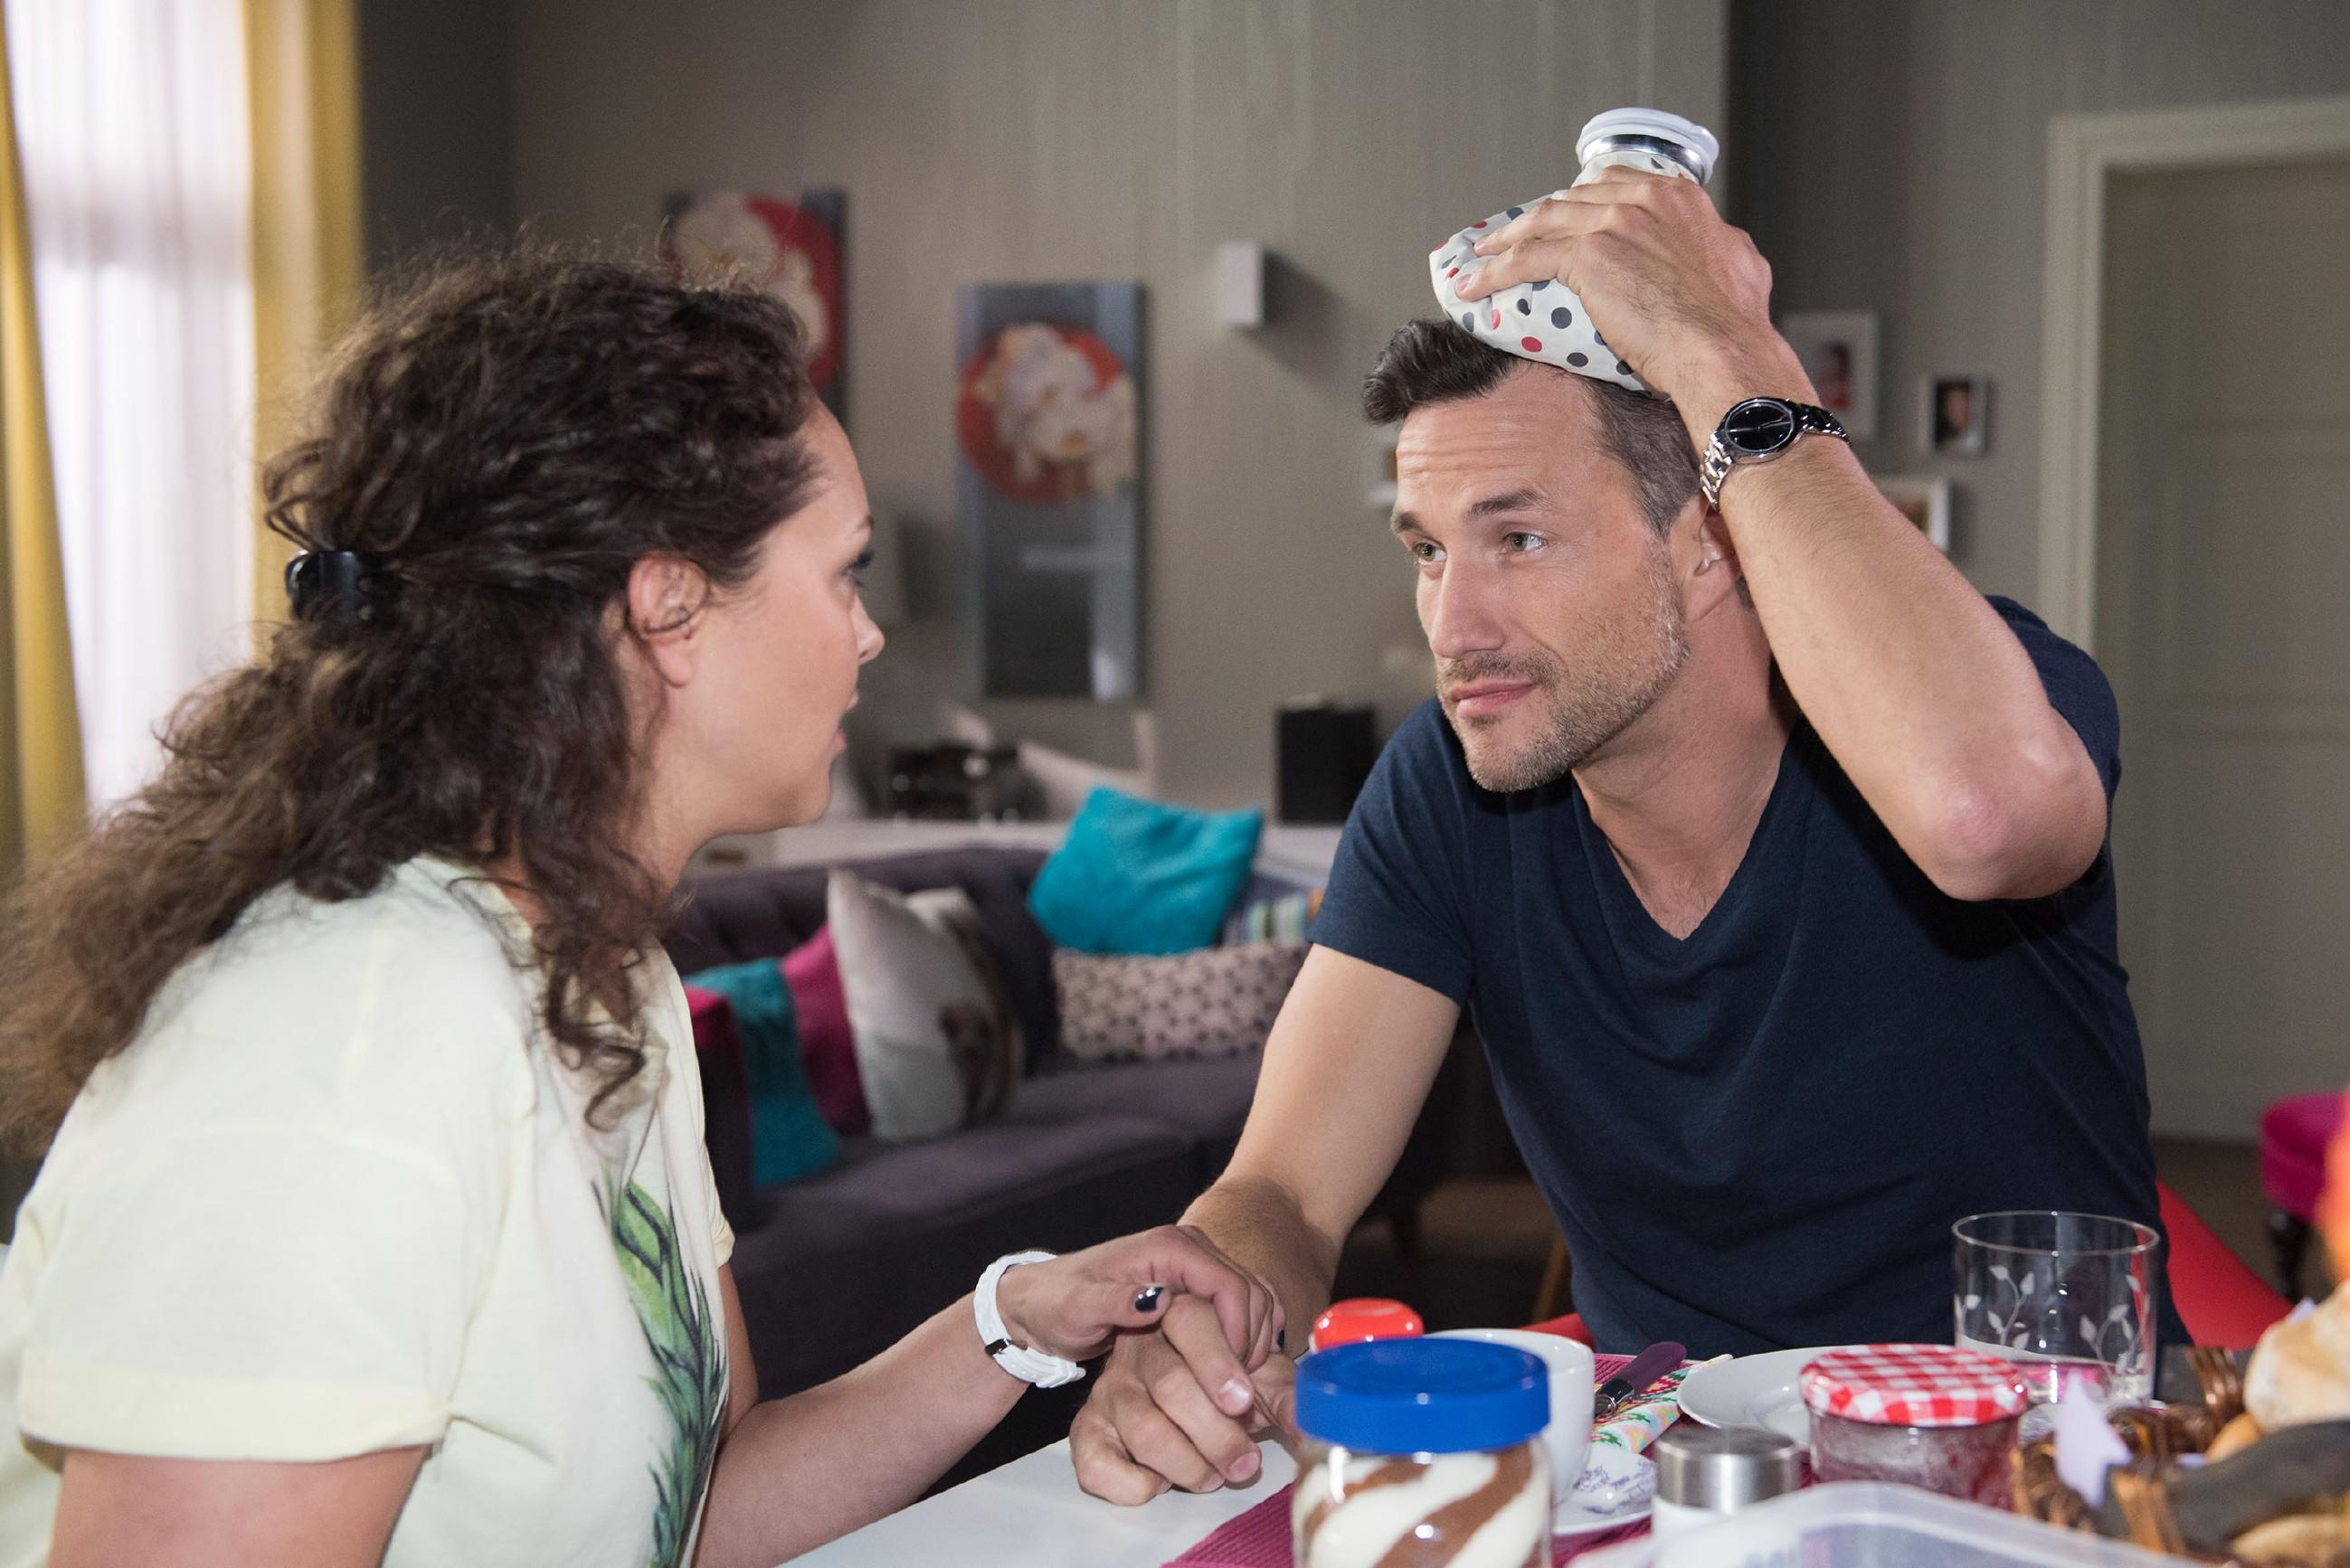 Caro (Ines Kurenbach) bedauert zutiefst, dass sie Malte (Stefan Bockelmann) versehentlich niedergeschlagen und so ihren romantischen Abend ruiniert hat.  (Quelle: © RTL / Stefan Behrens)